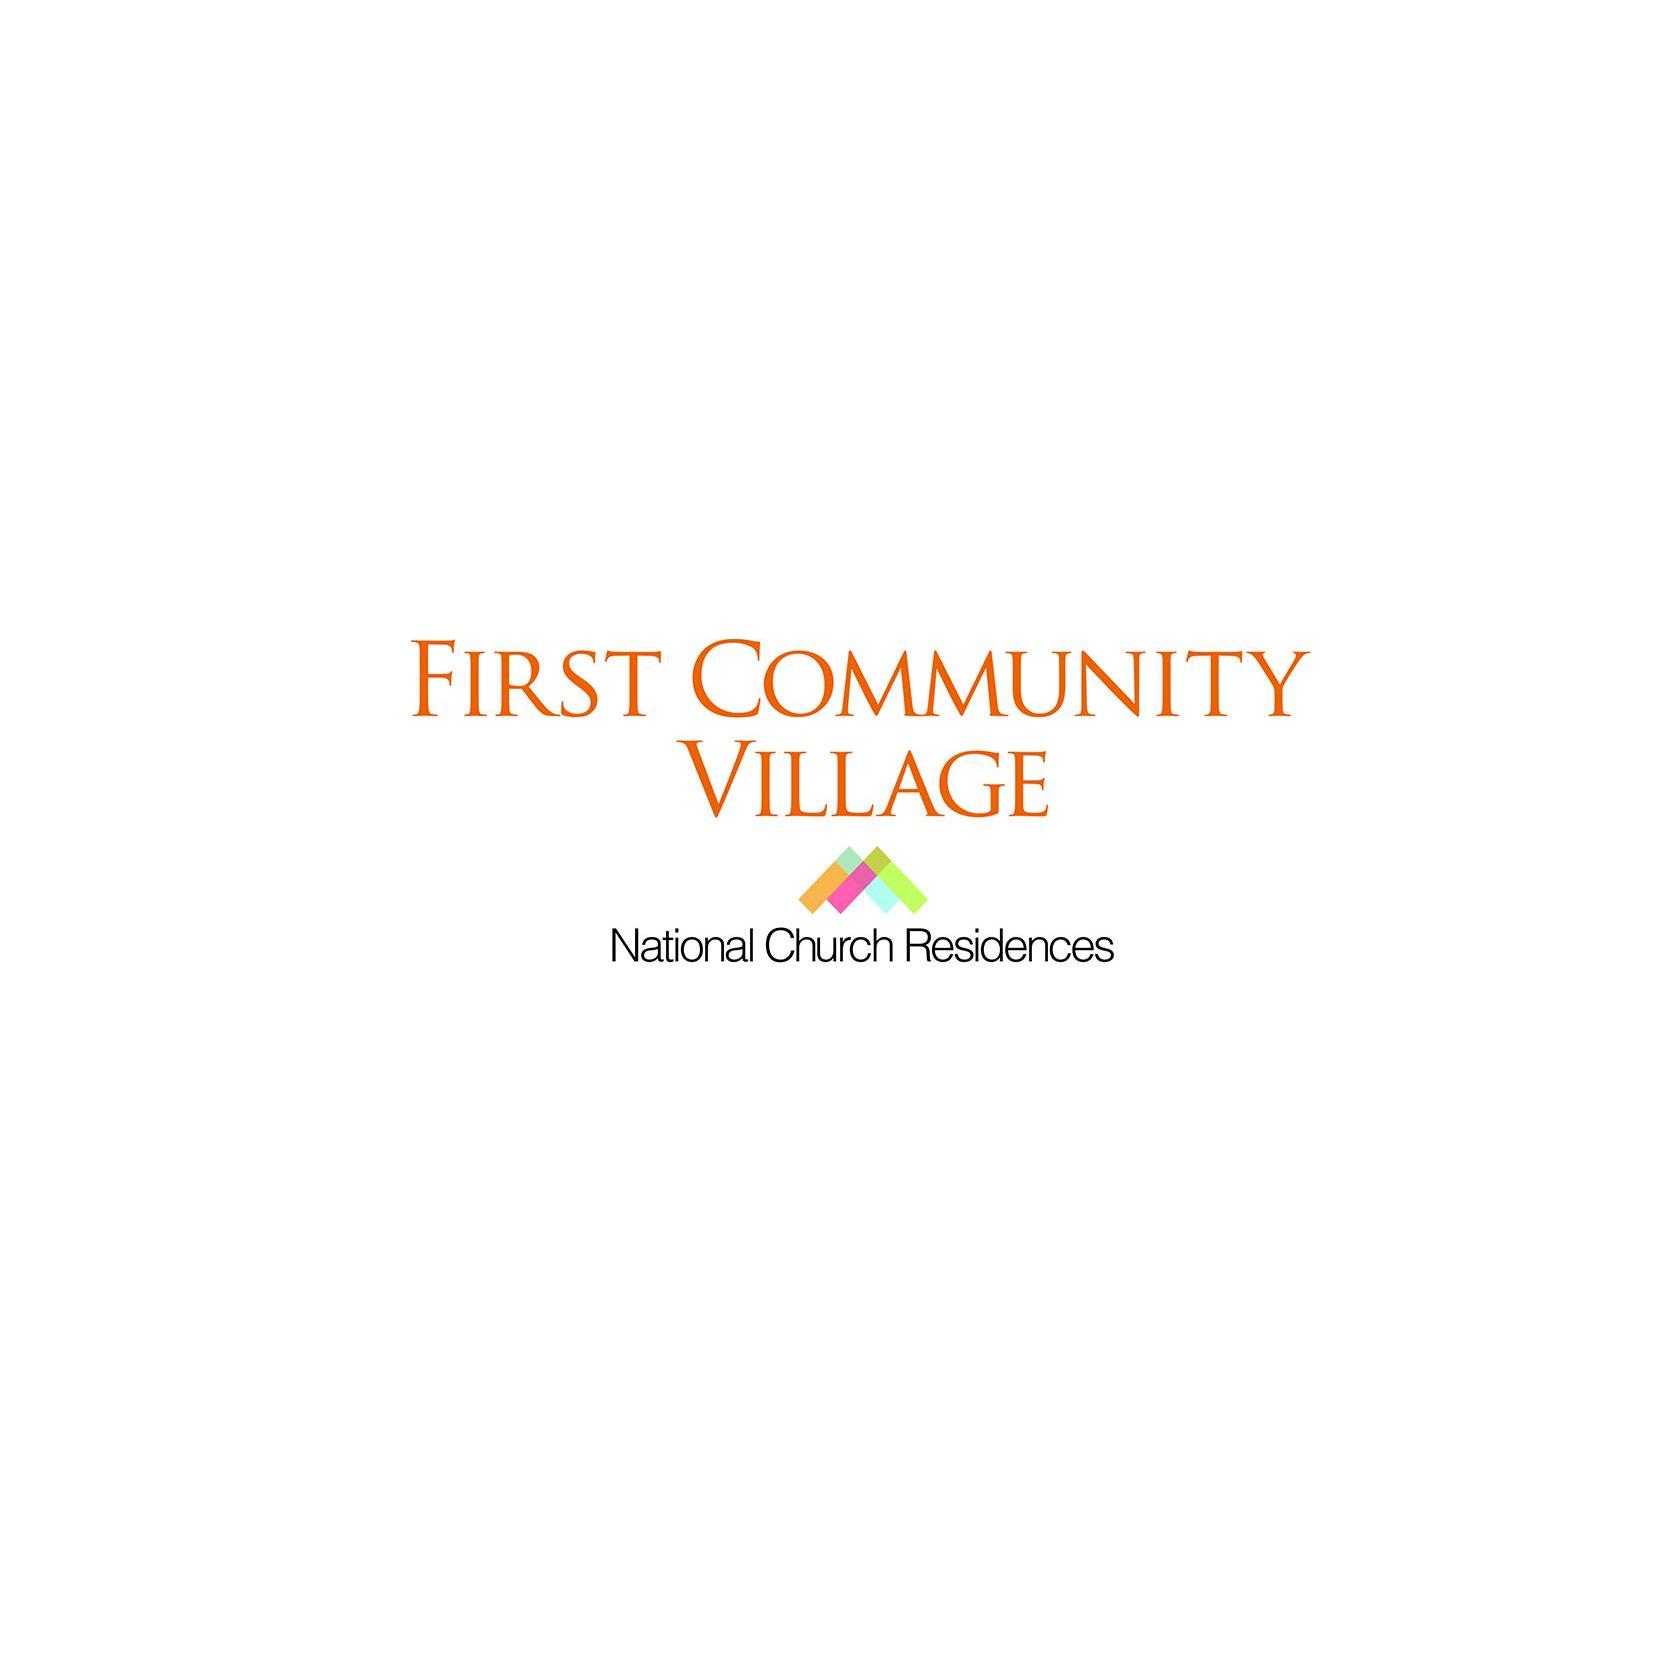 First Community Village